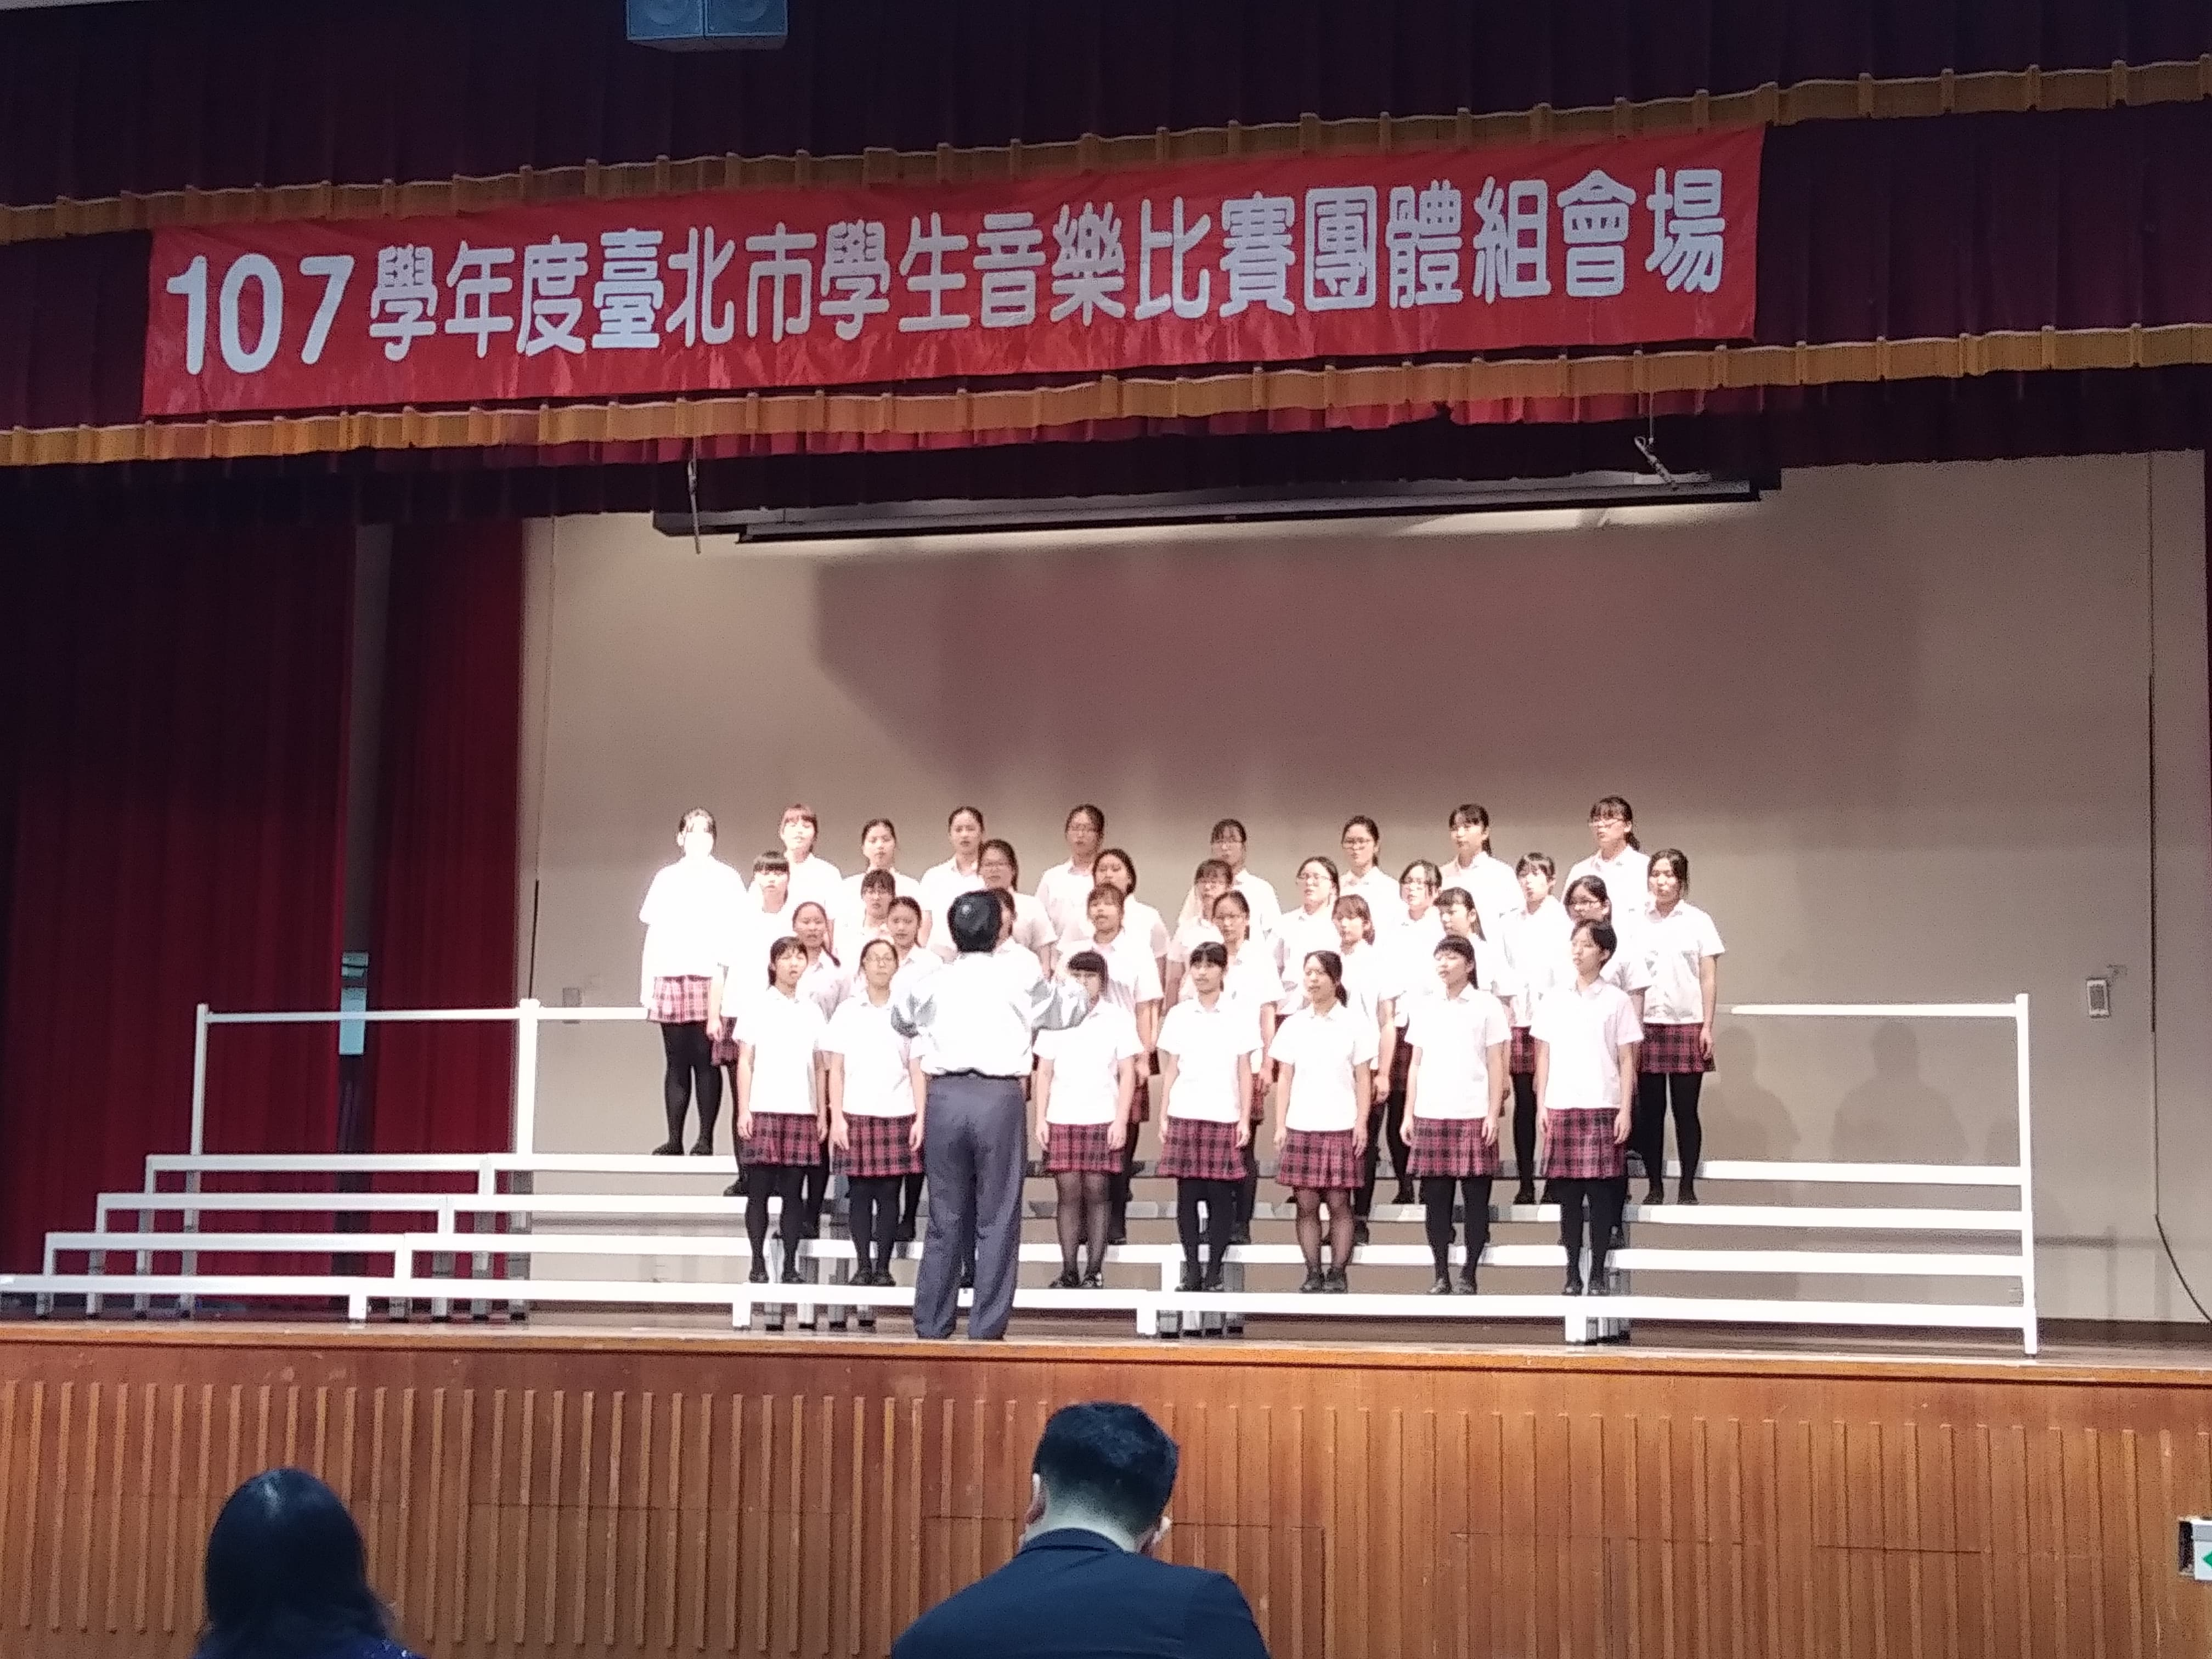 狂賀合唱團參加「107學年度臺北市學生音樂比賽/女聲合唱-高中職團體組」榮獲優等獎